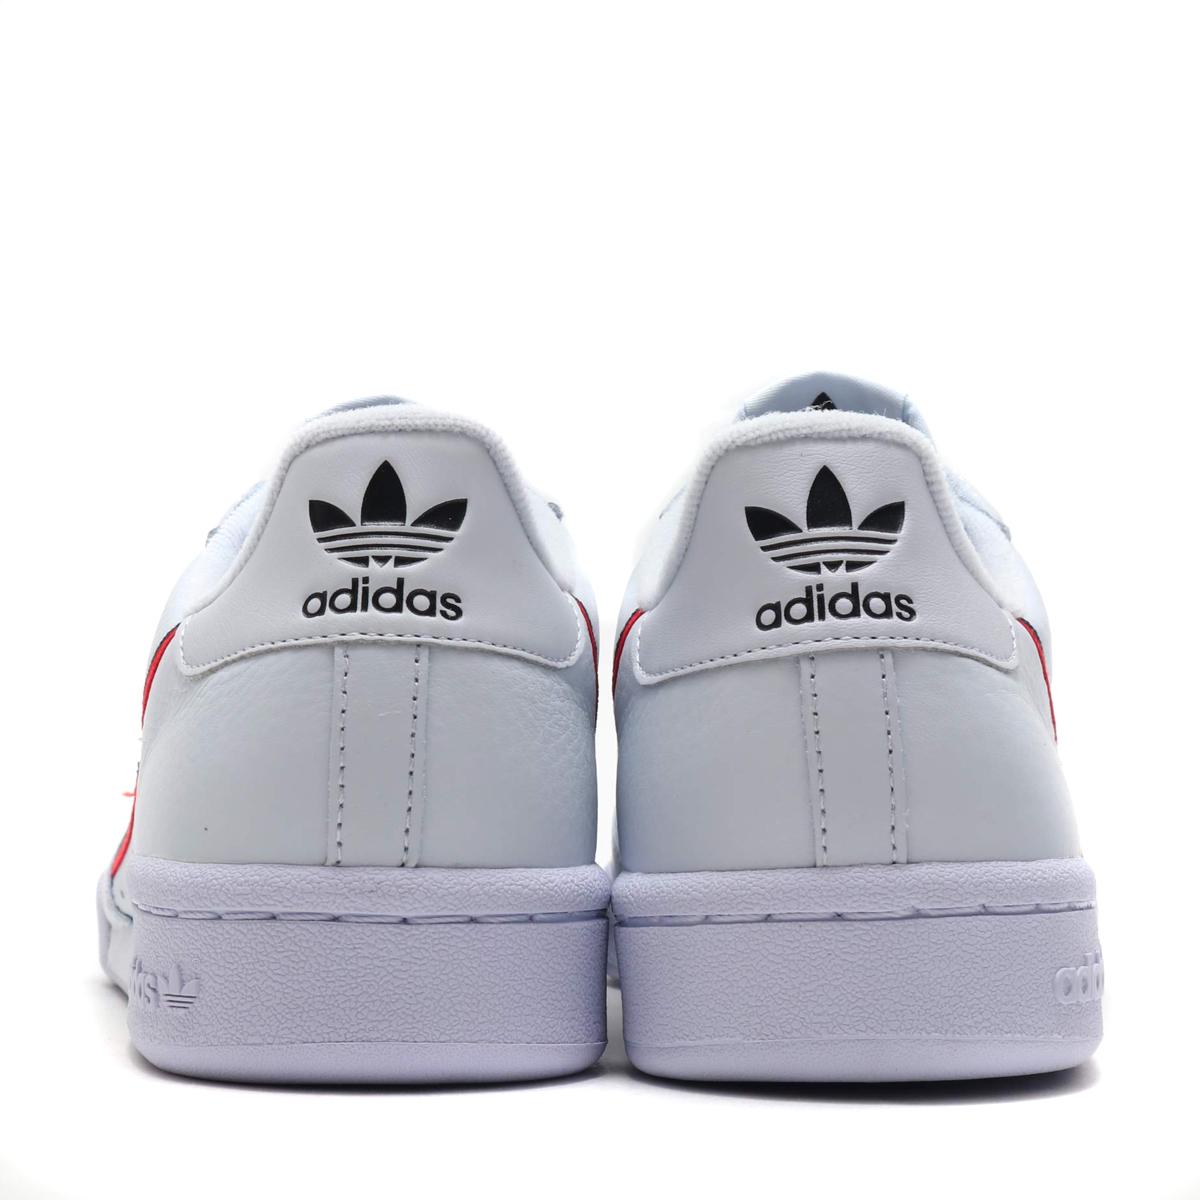 super popular 0d5ec beb4a adidas Originals CONTINENTAL 80 (Adidas originals Continental 80) AERO BLUE SCARLETCOLLEGE NAVY 18FW-I